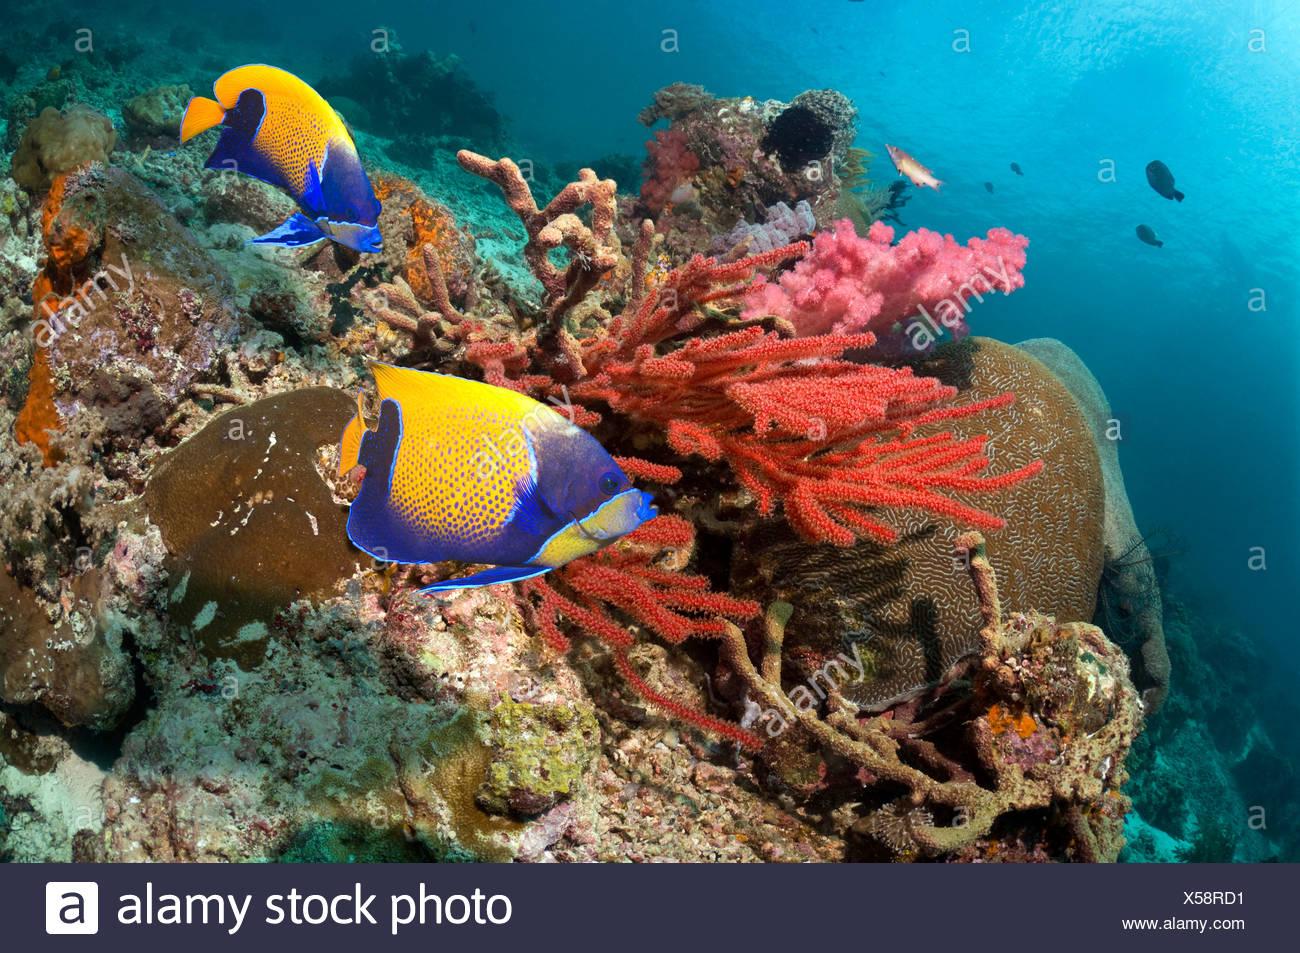 Blu-cinto angelfish nuoto passato soft coral sulla barriera corallina. Misool Raja Ampat, Papua occidentale, in Indonesia. Immagini Stock